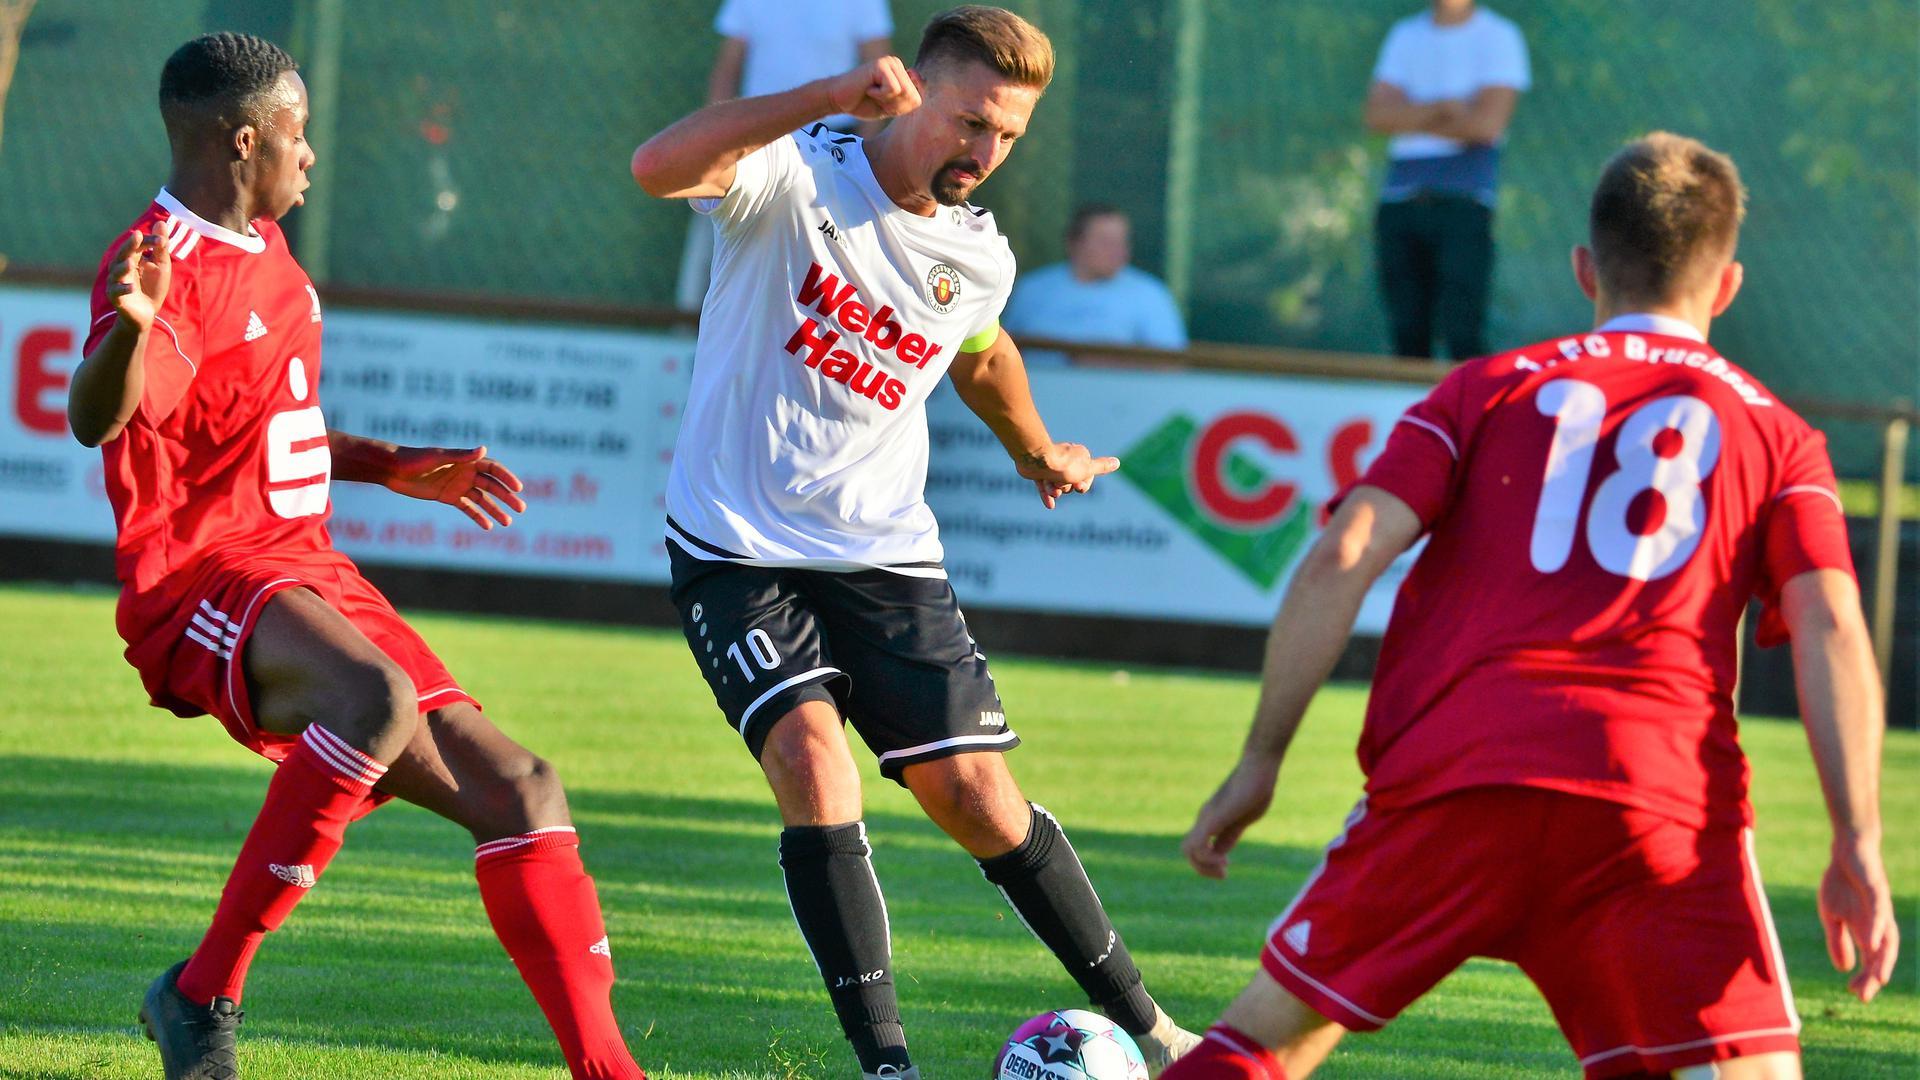 Fußball-Oberliga SV Linx Nr 10 Vollmer Adrian gegen 1. FC Bruchsal Nr 18 Durst Lukas Nr 15 Bediako Francis